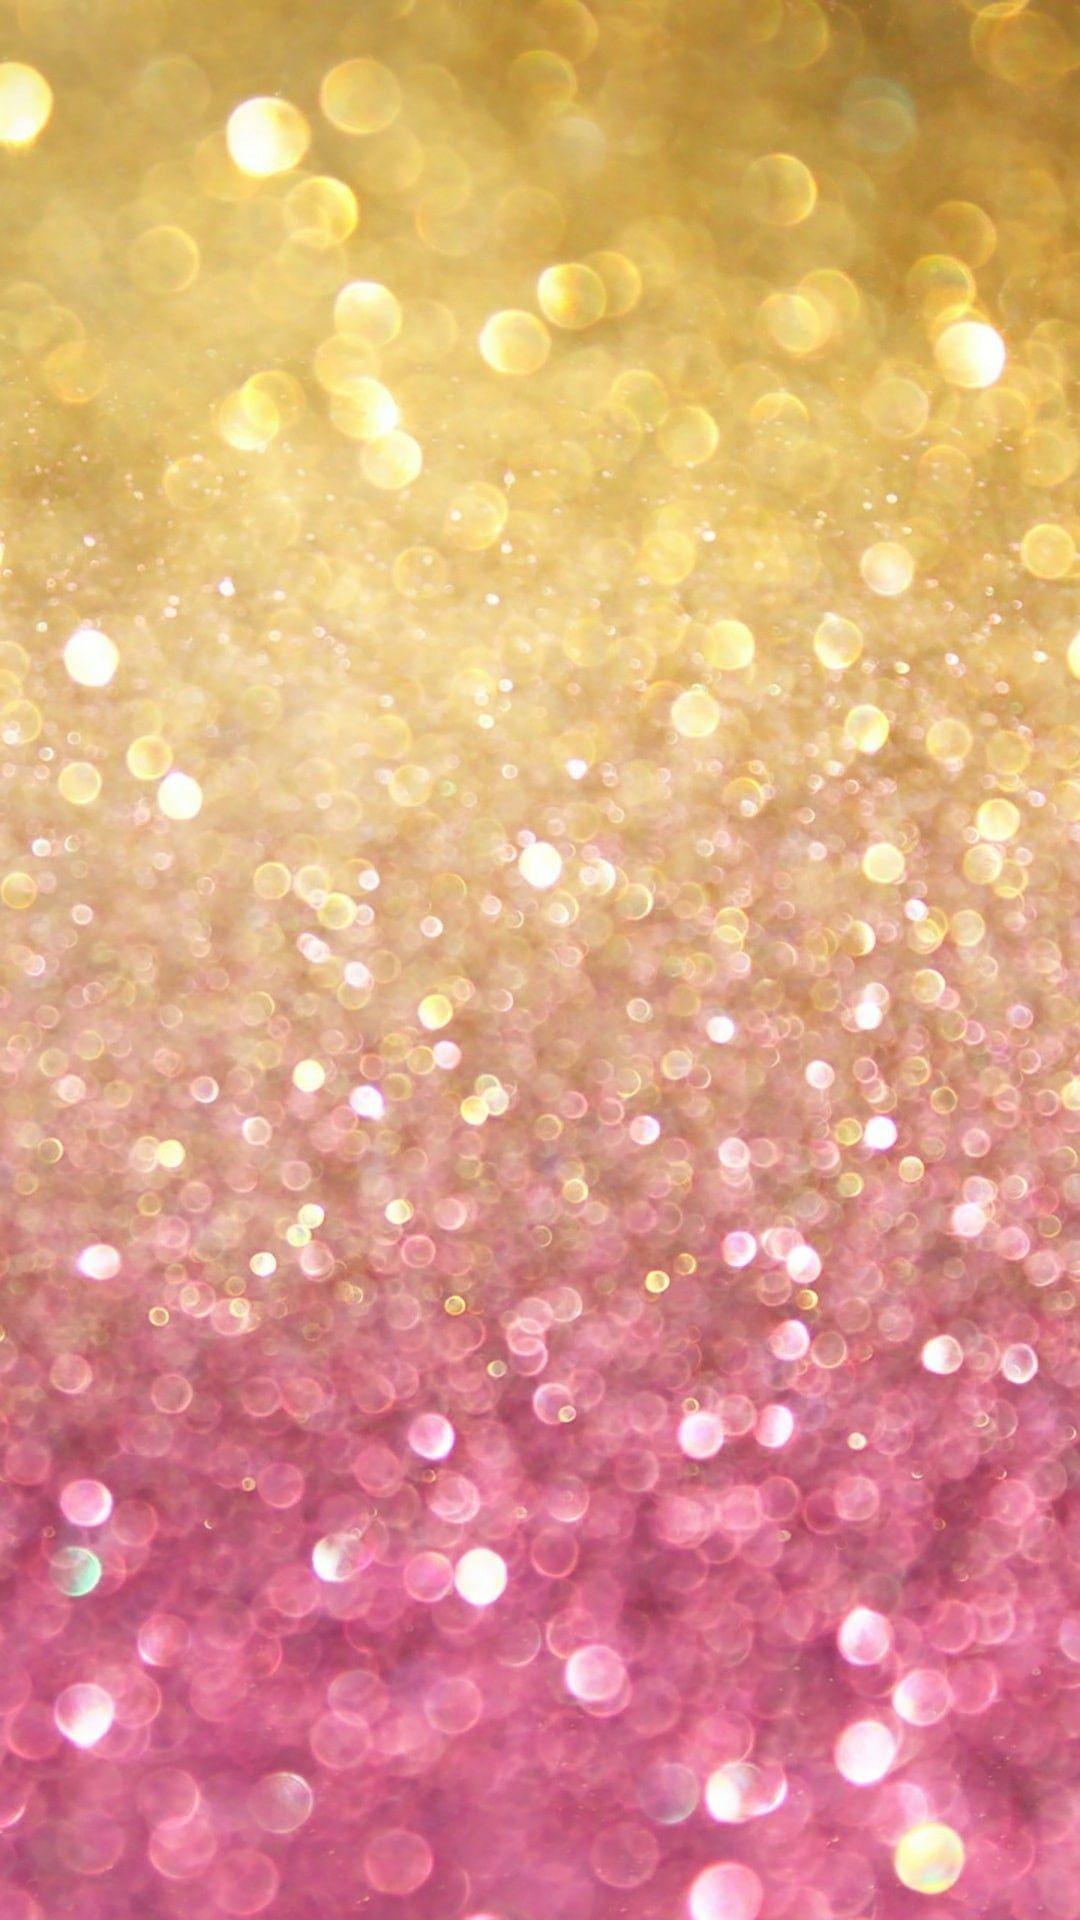 Pink/Gold | Iphone wallpaper glitter, Glitter phone ...